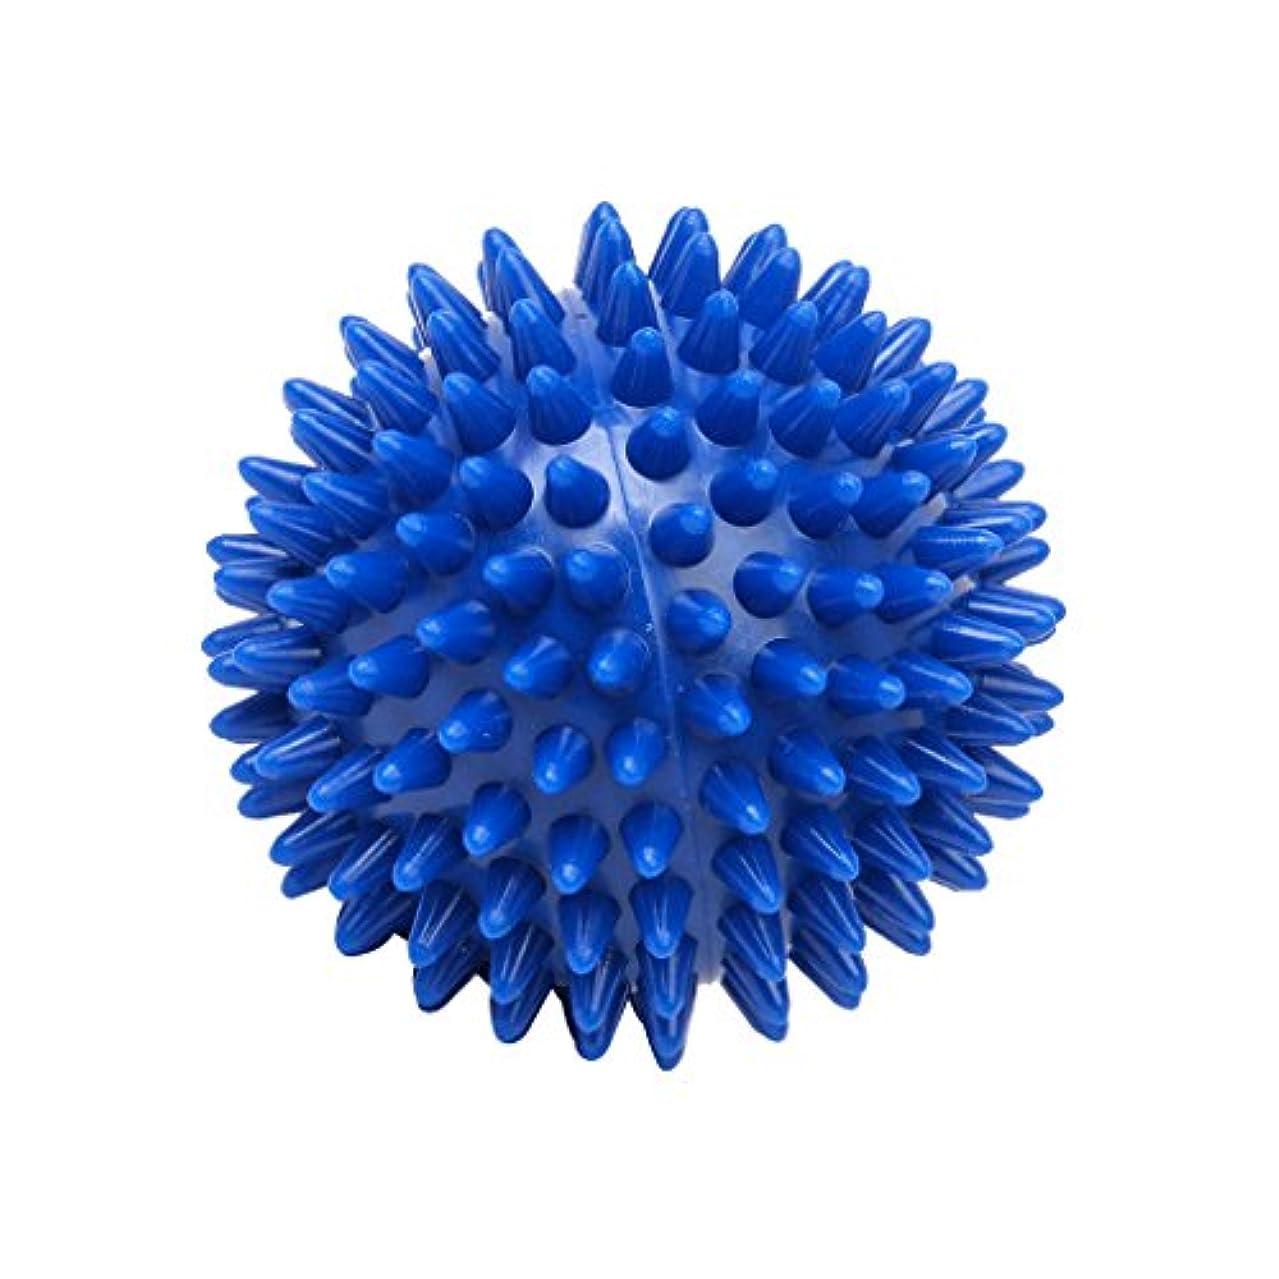 高原誓ういつFootful マッサージボール 健康グッズ 健康器具 血液循環促進 緊張緩和 7cm ブルー